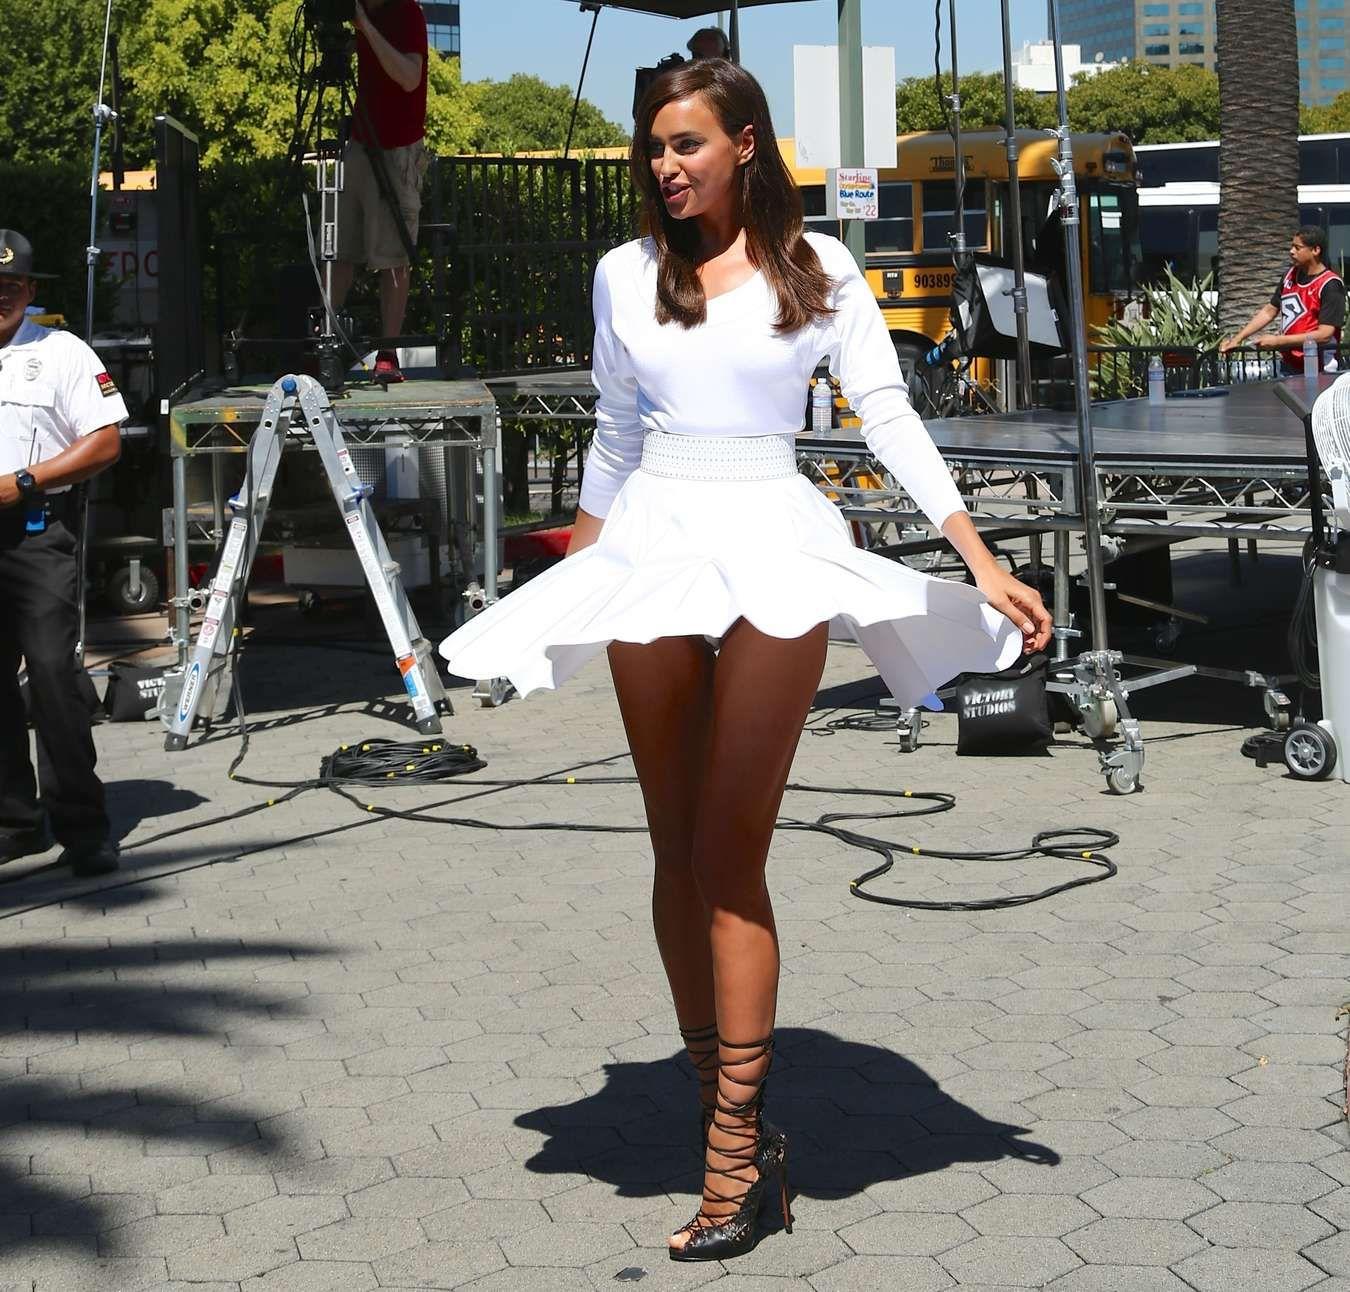 Leg mini pantie skirt upskirt girld